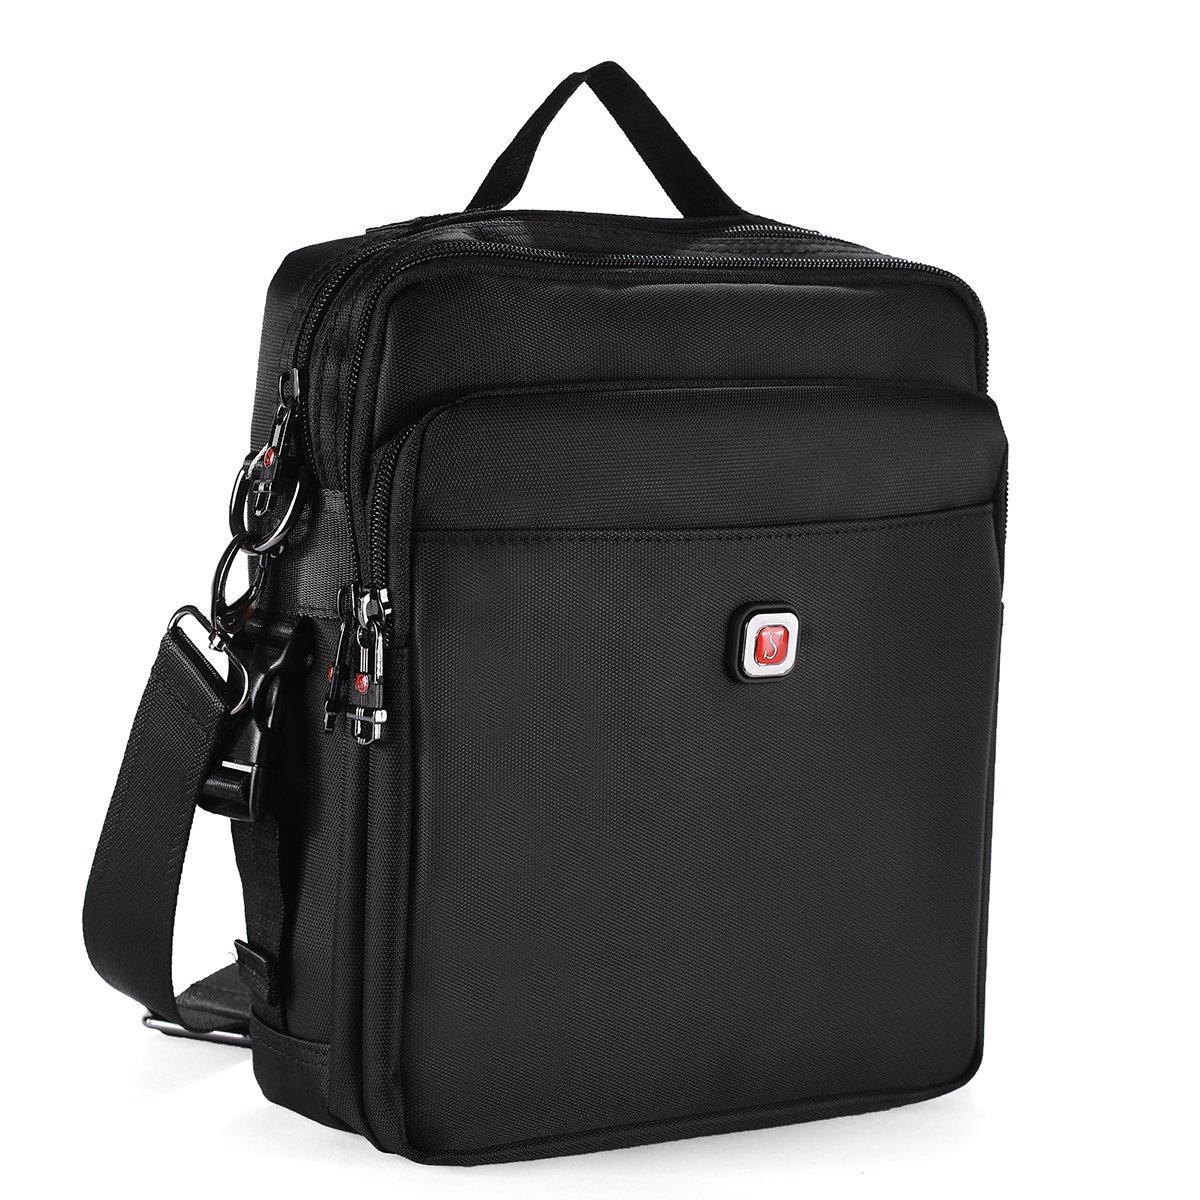 Soperwillton Vintage Multifunction Shoulder Bag Business Messenger Bag Ipad Bag Work Field Bag